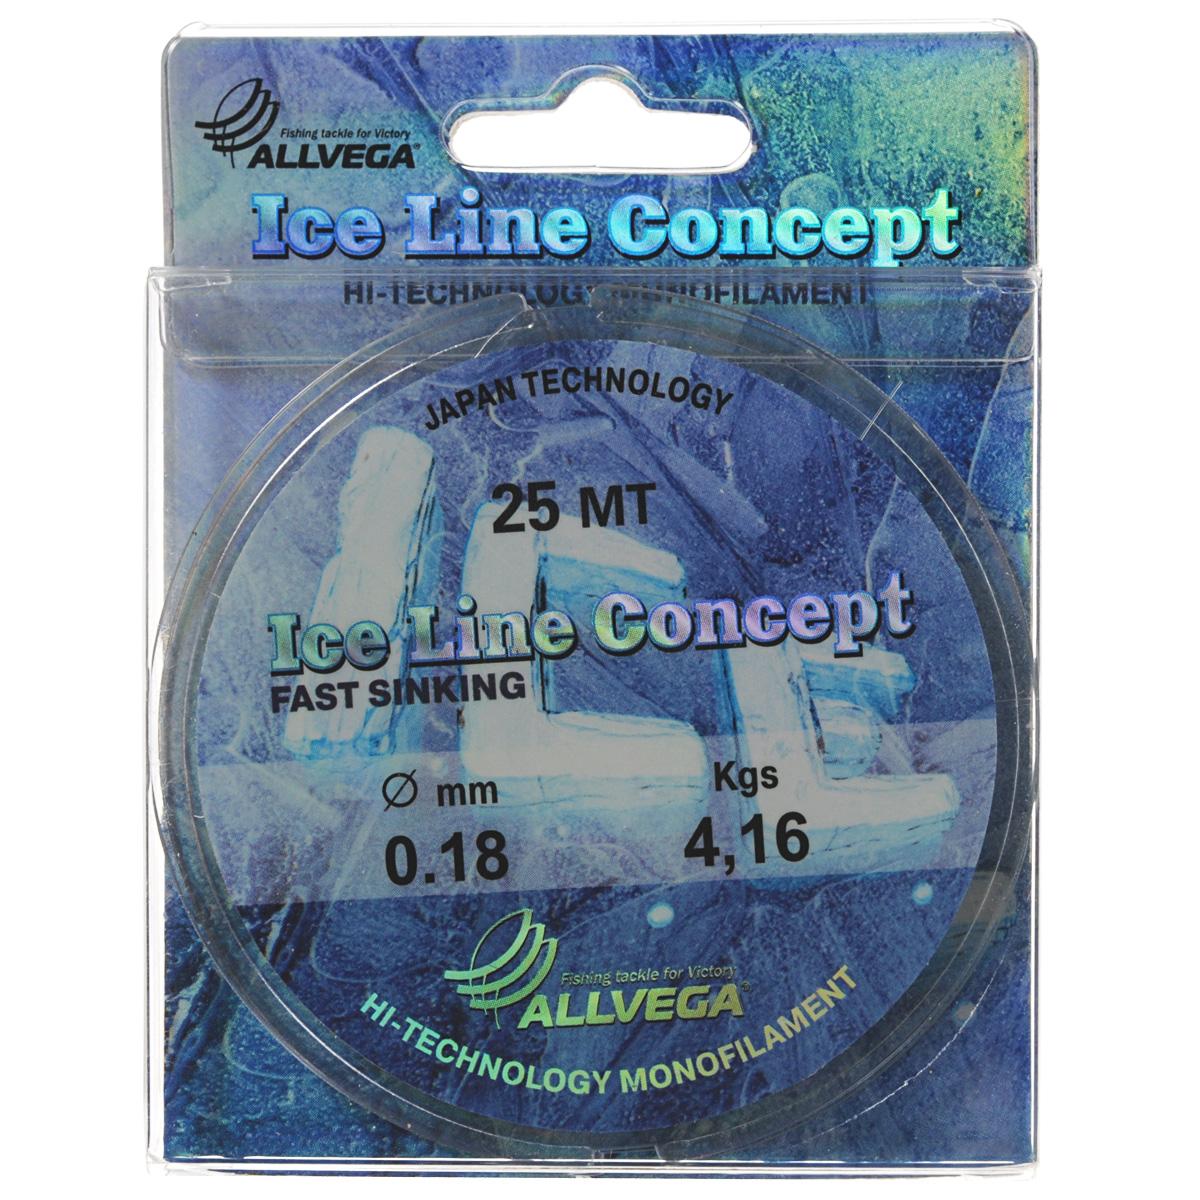 Леска Allvega Ice Line Concept, сечение 0,18 мм, длина 25 м21456Специальная зимняя леска Allvega Ice Line Concept для низких температур. Прозрачная и высокопрочная. Отсутствие механической памяти, позволяет с успехом использовать ее для ловли на мормышку.